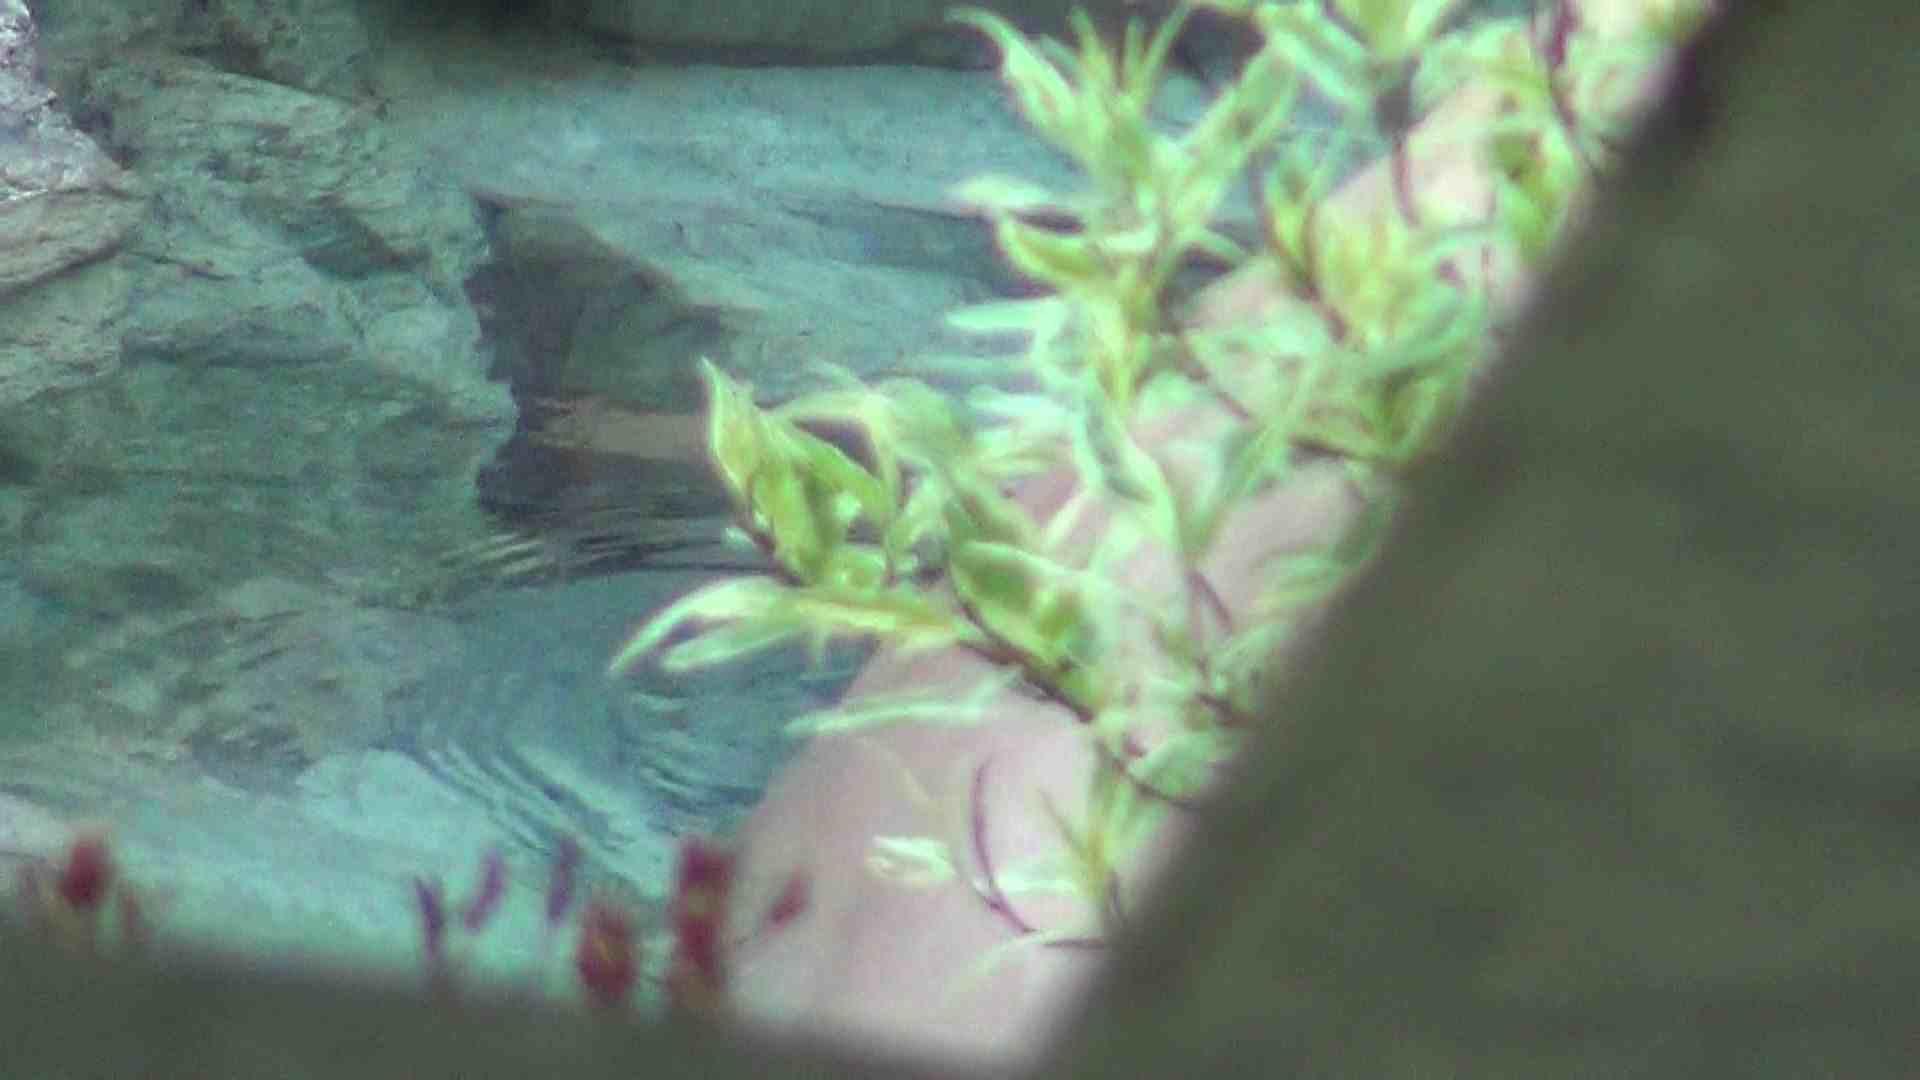 ハイビジョンVol.6 白い素肌にピンクのほっぺ 美女  53連発 24